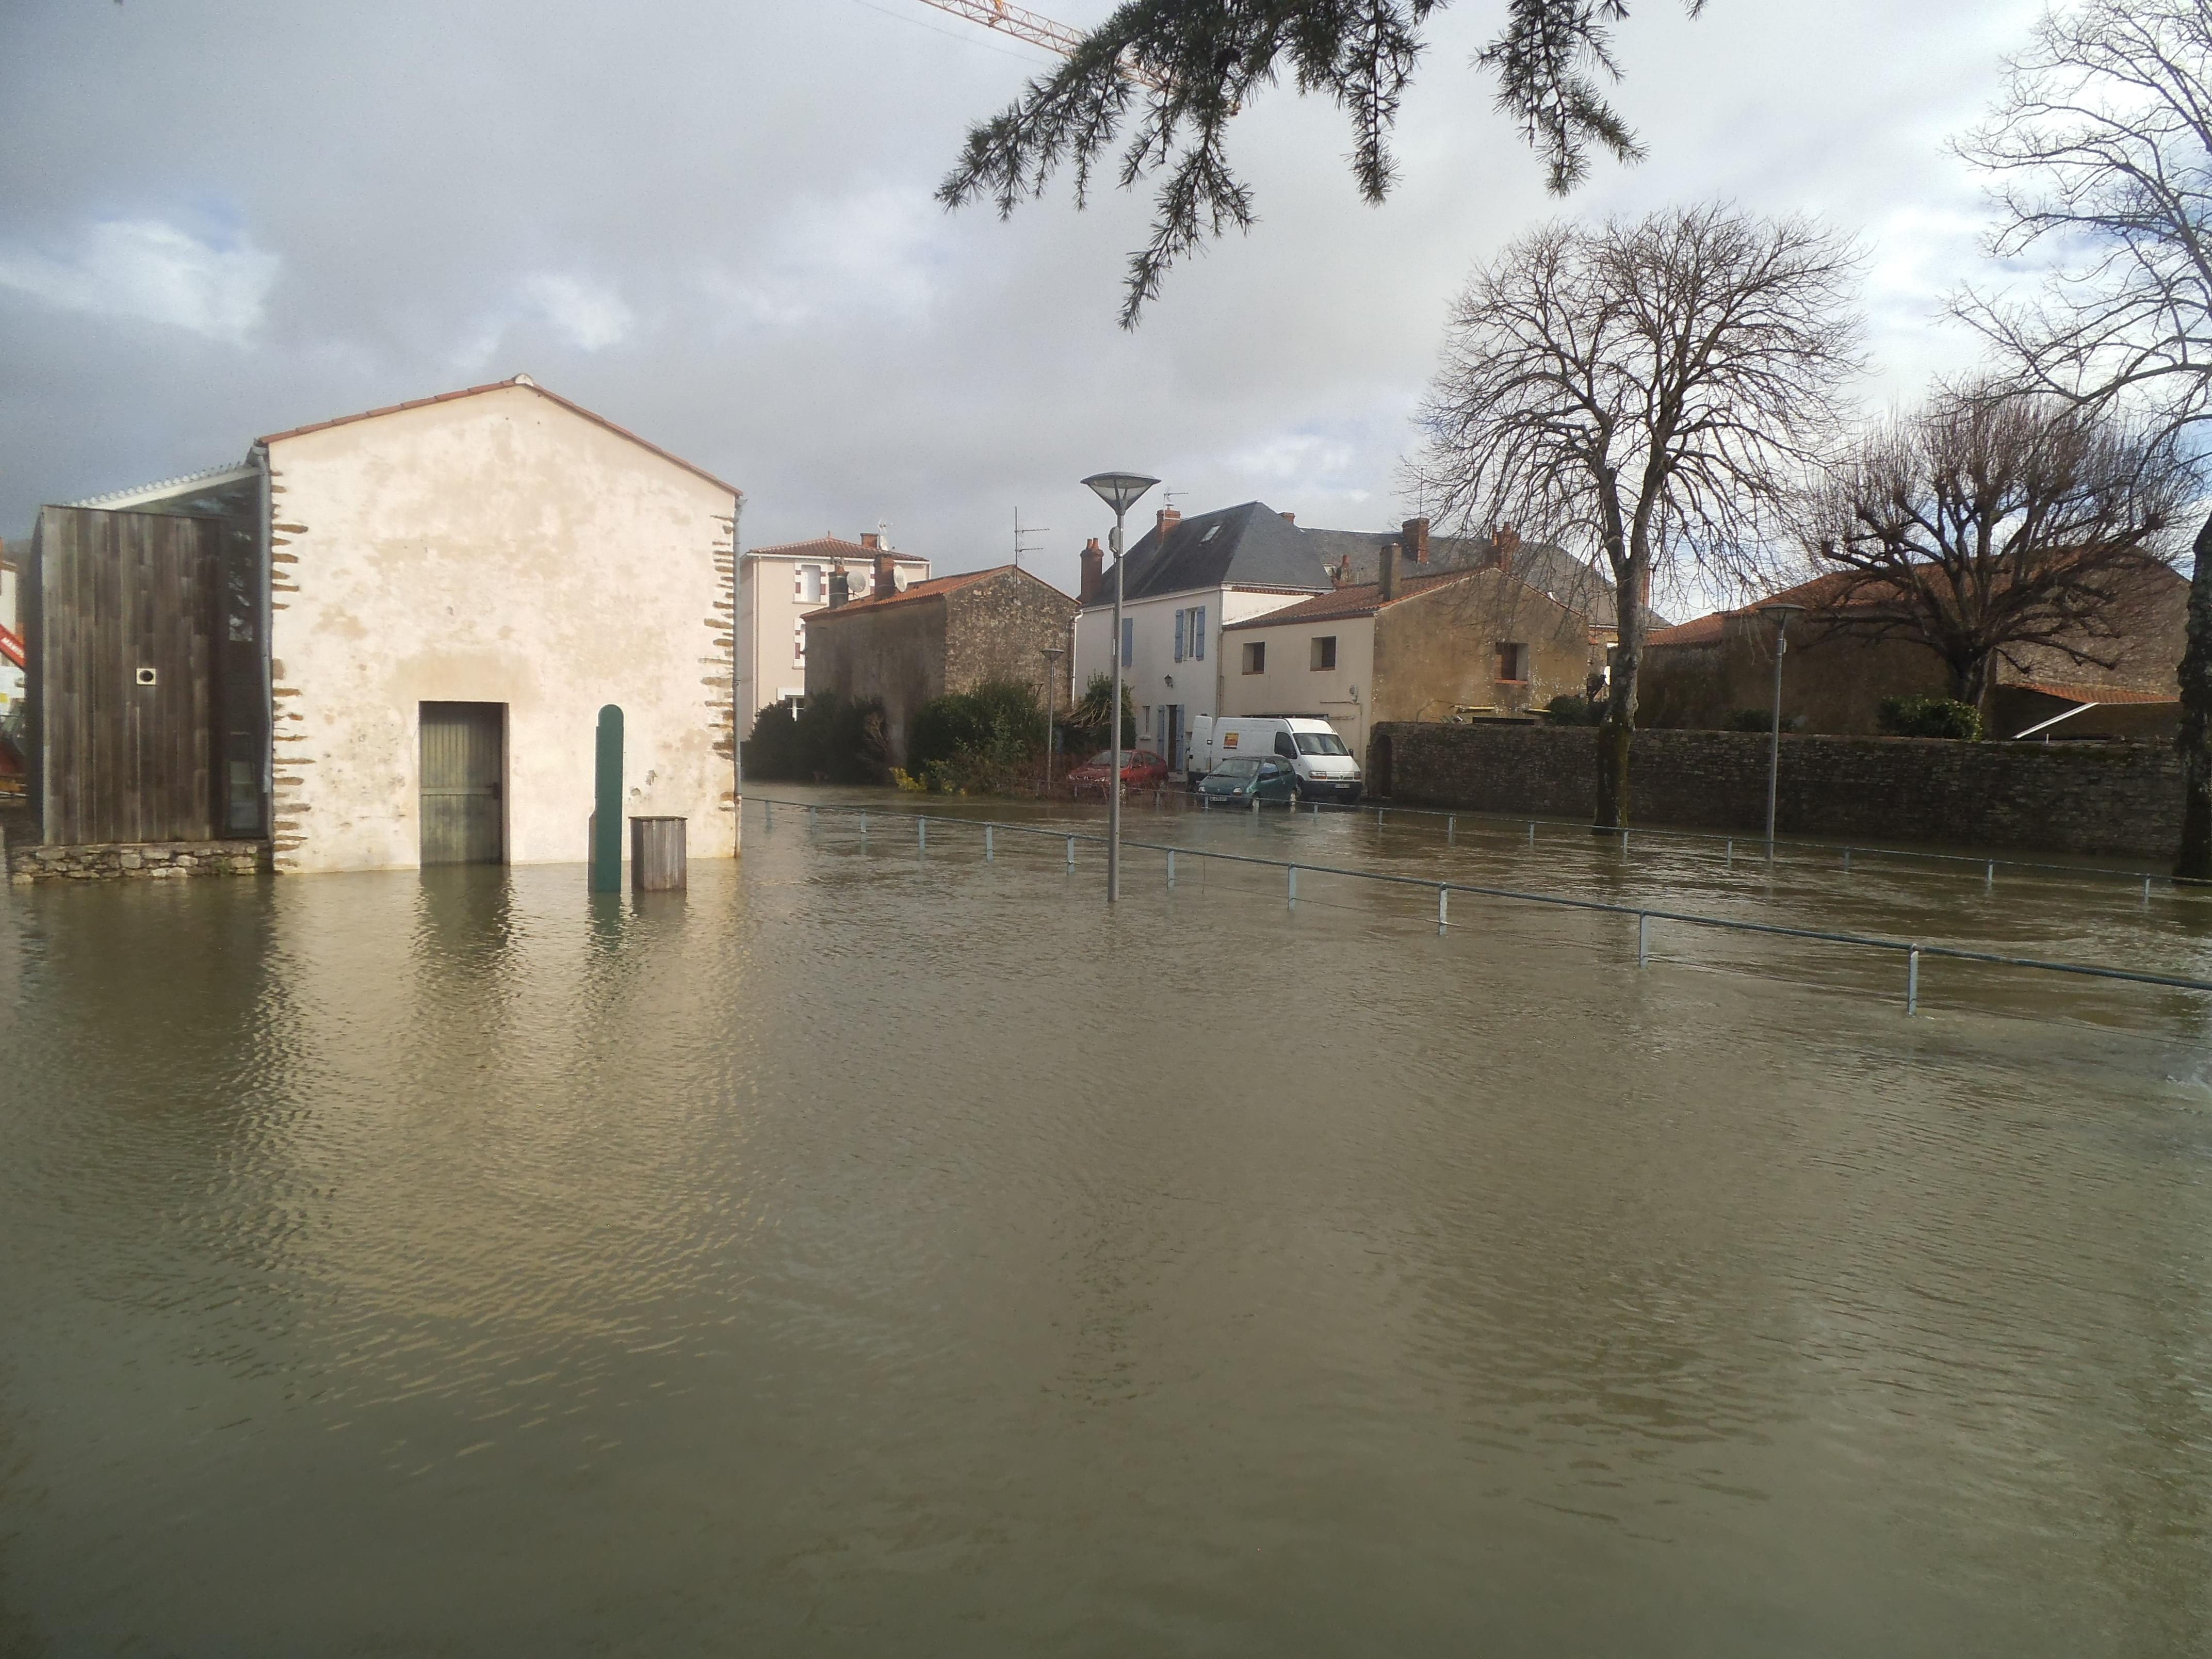 La bibliothèque sous les eaux  jeudi 13 février 2014